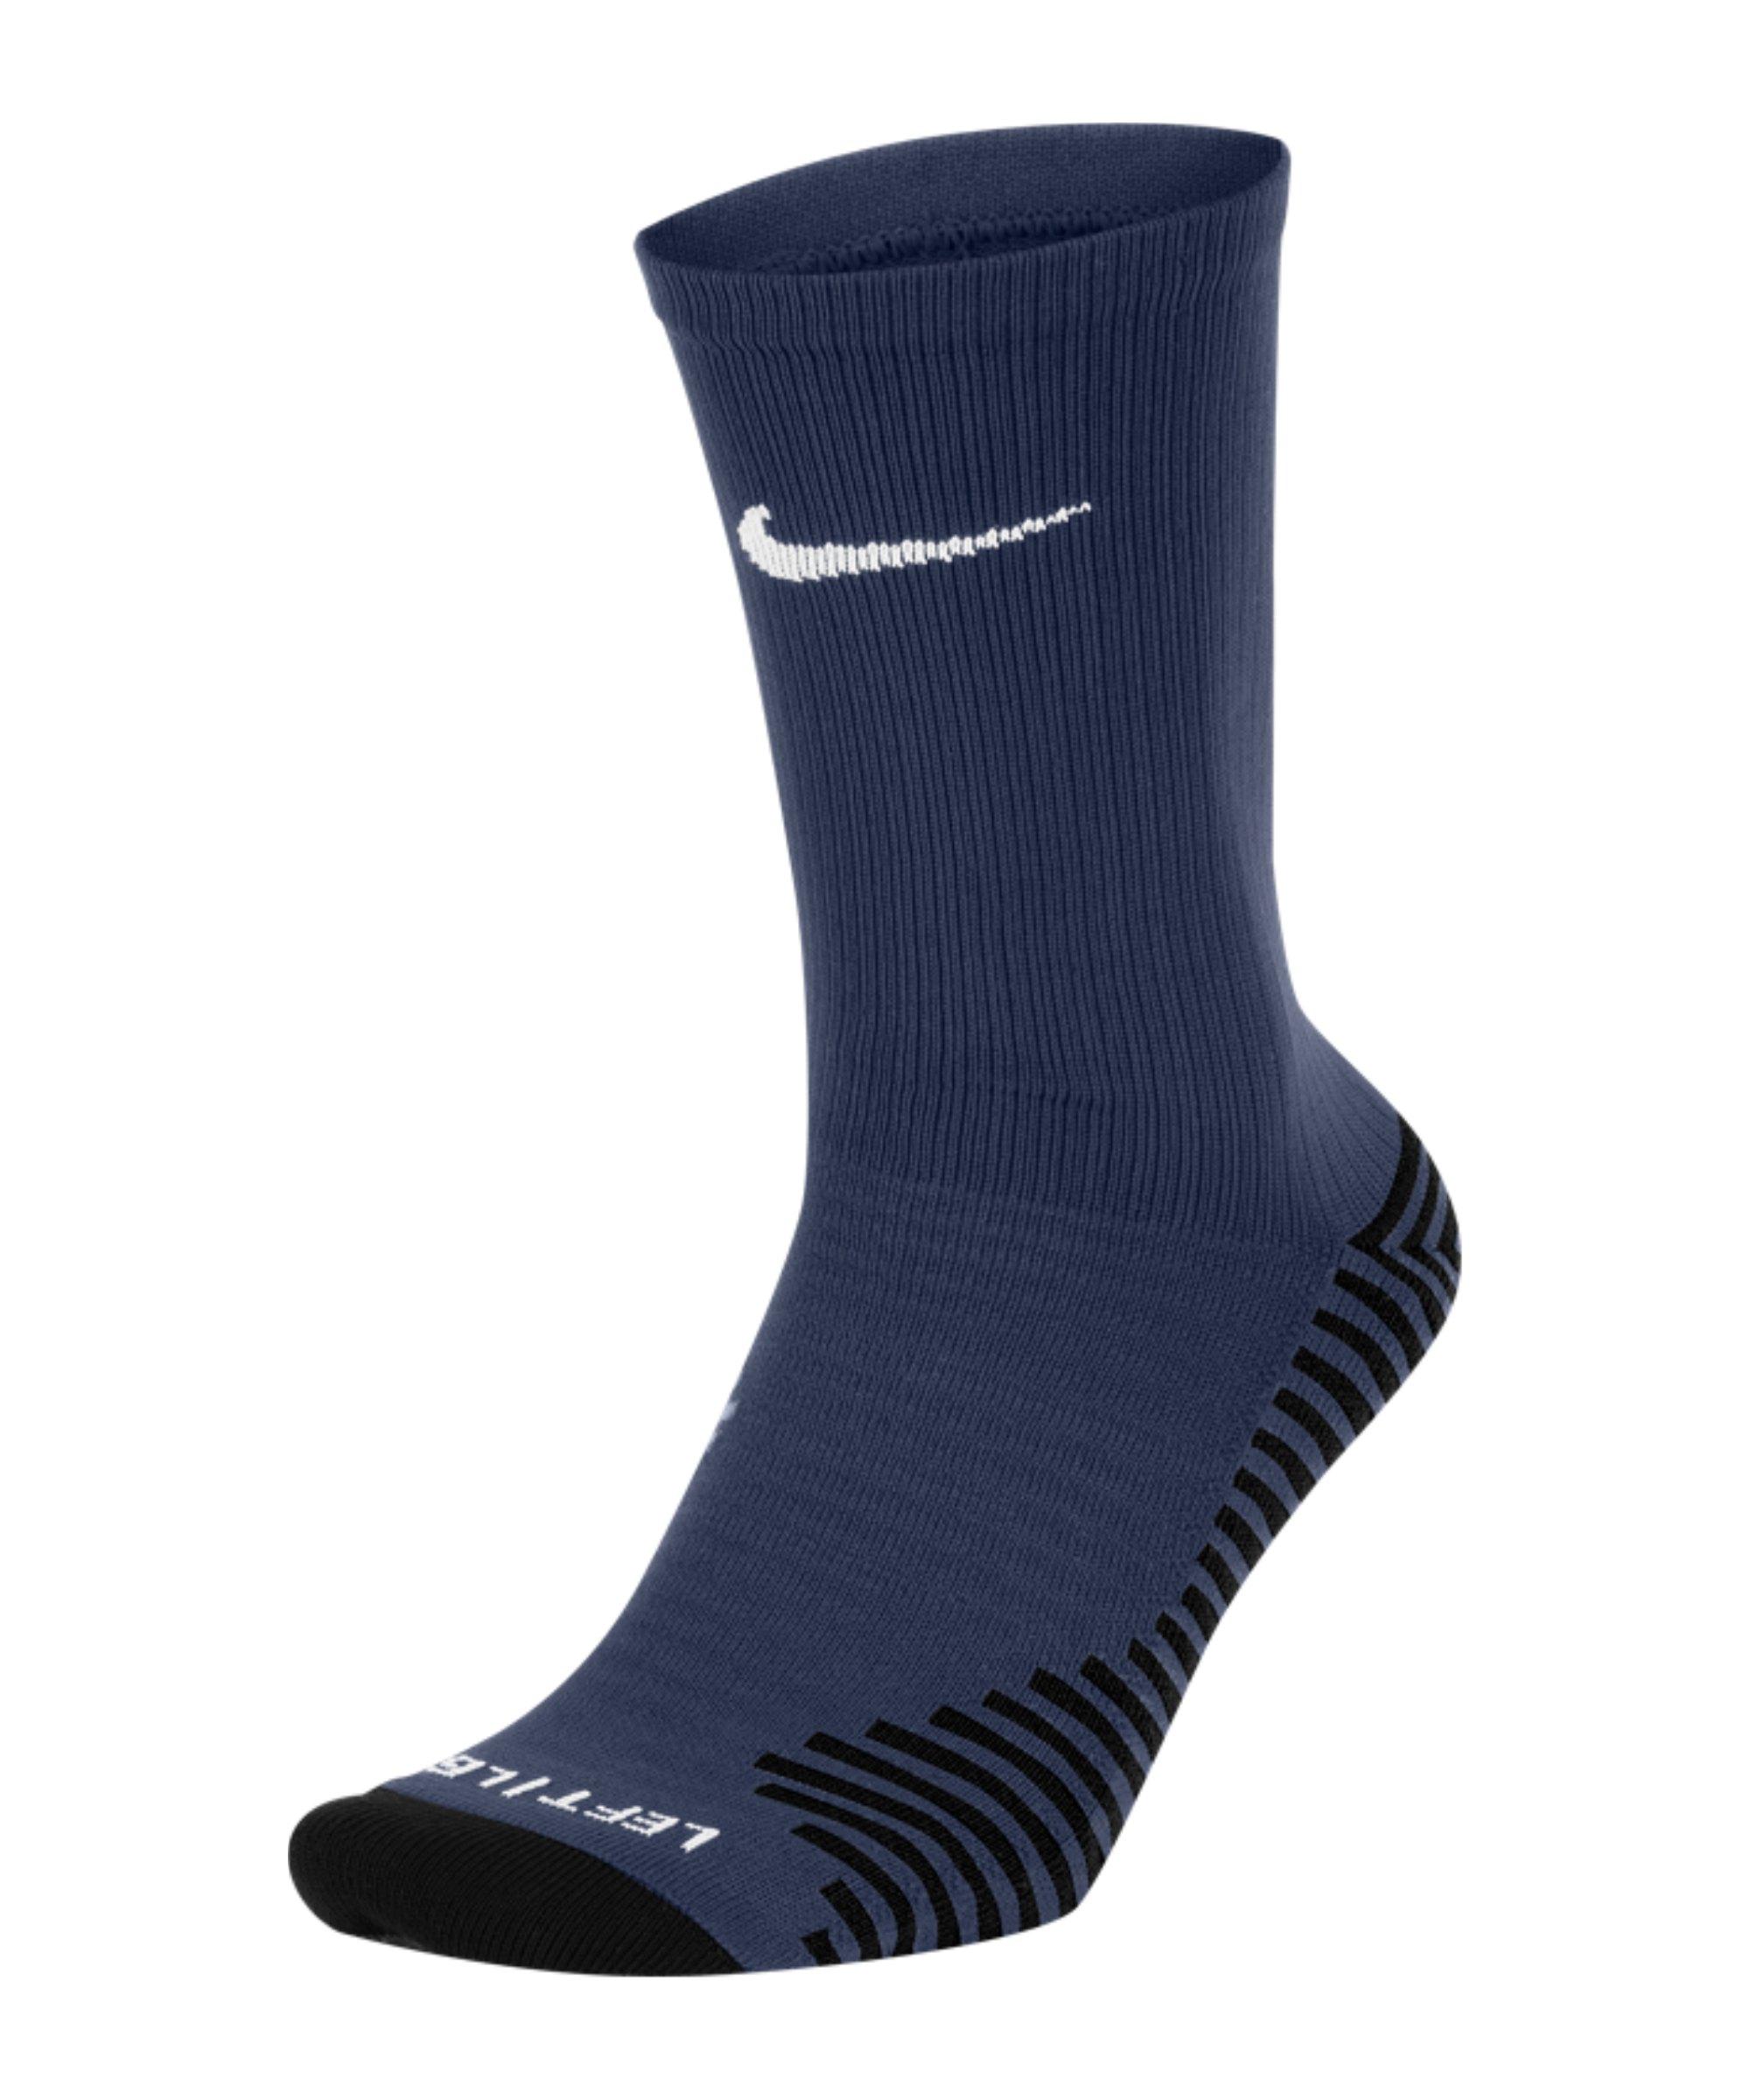 Nike Squad Crew Socken Blau Schwarz F410 - blau